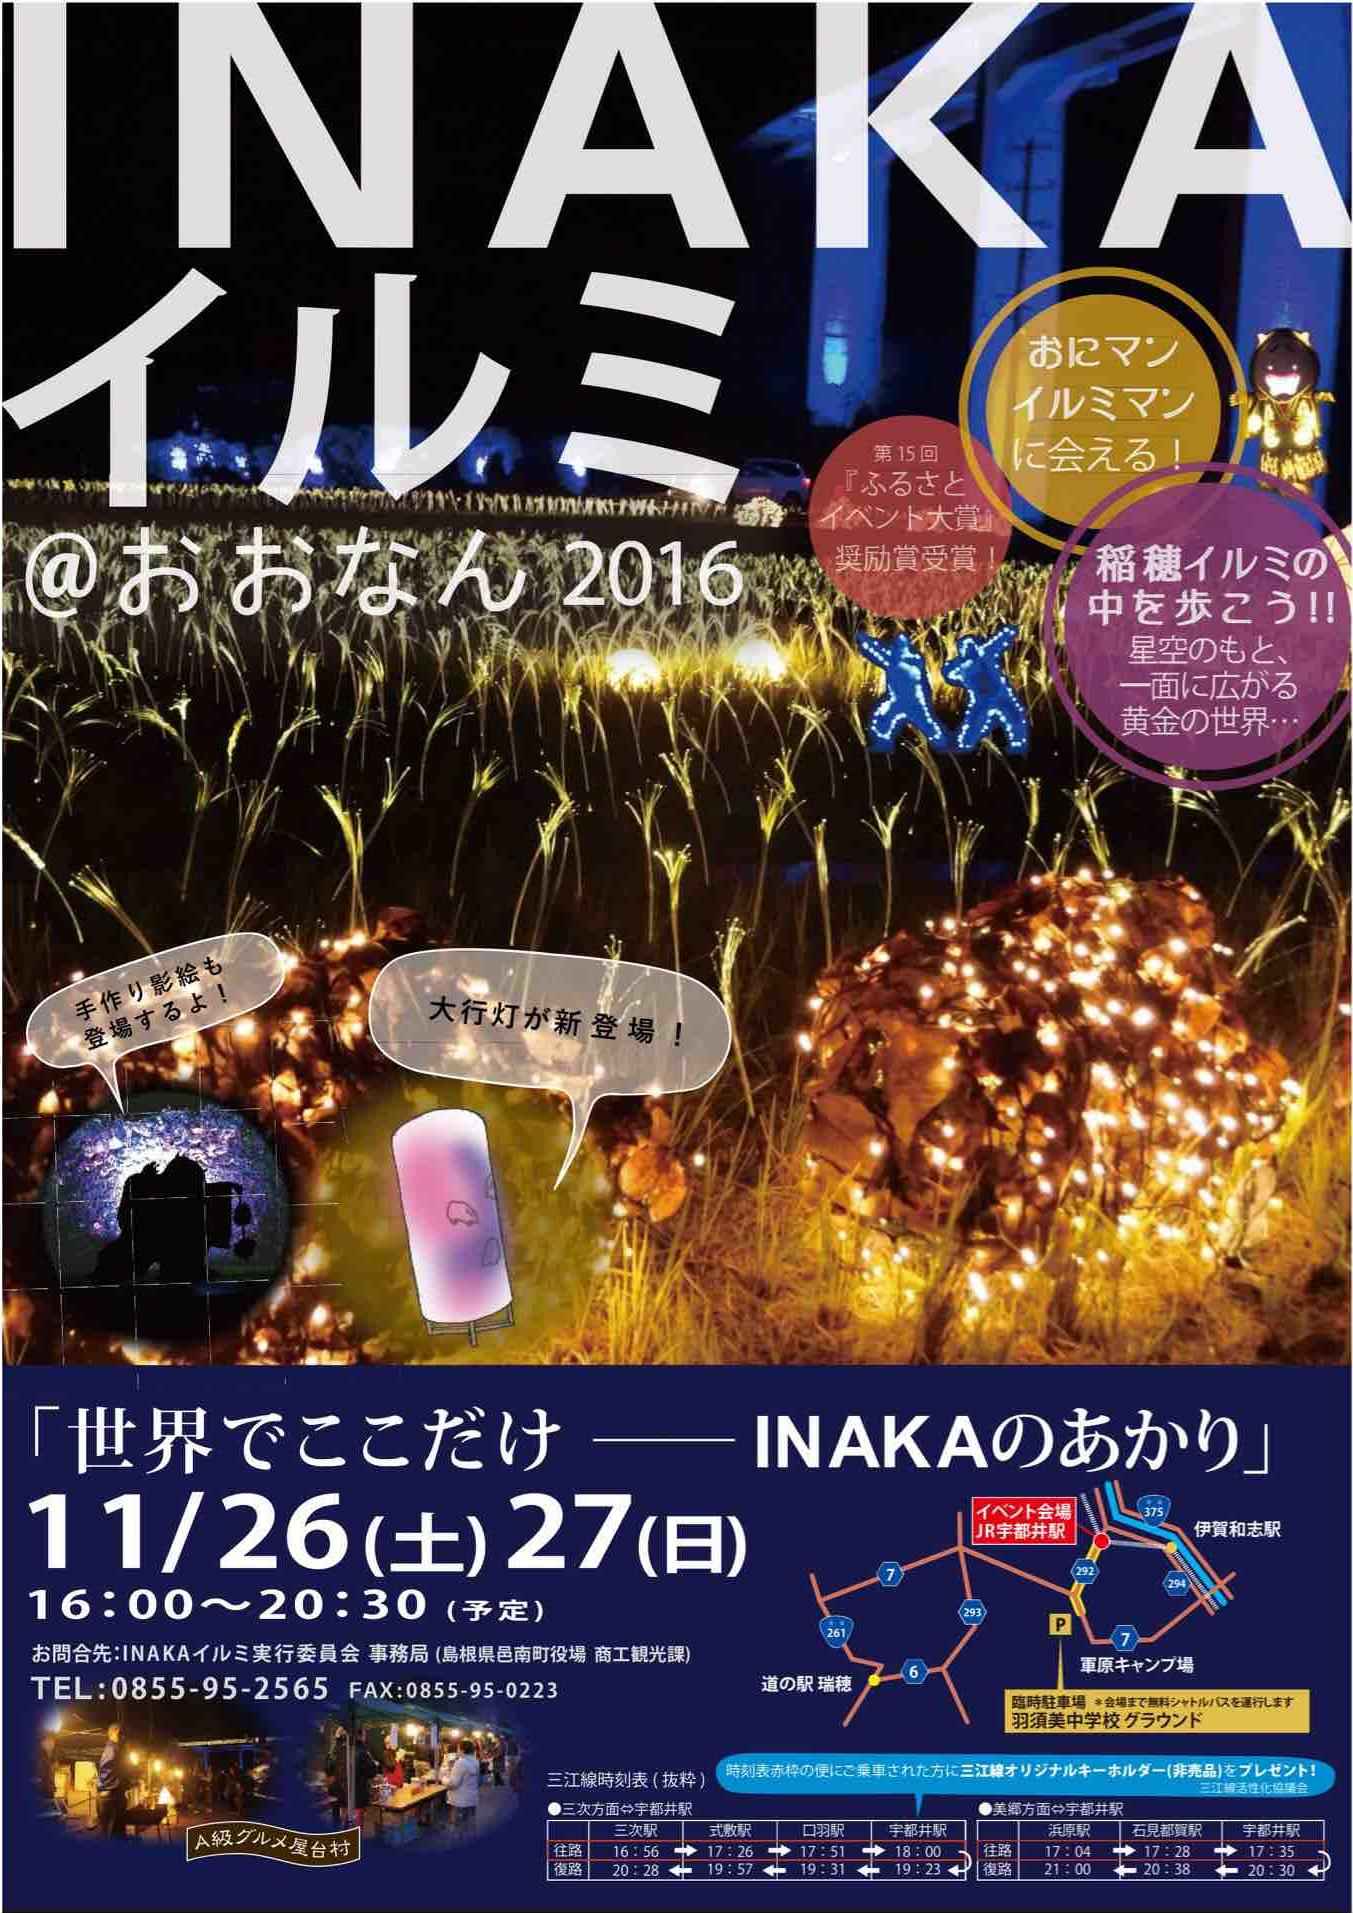 20161127inakairumi04